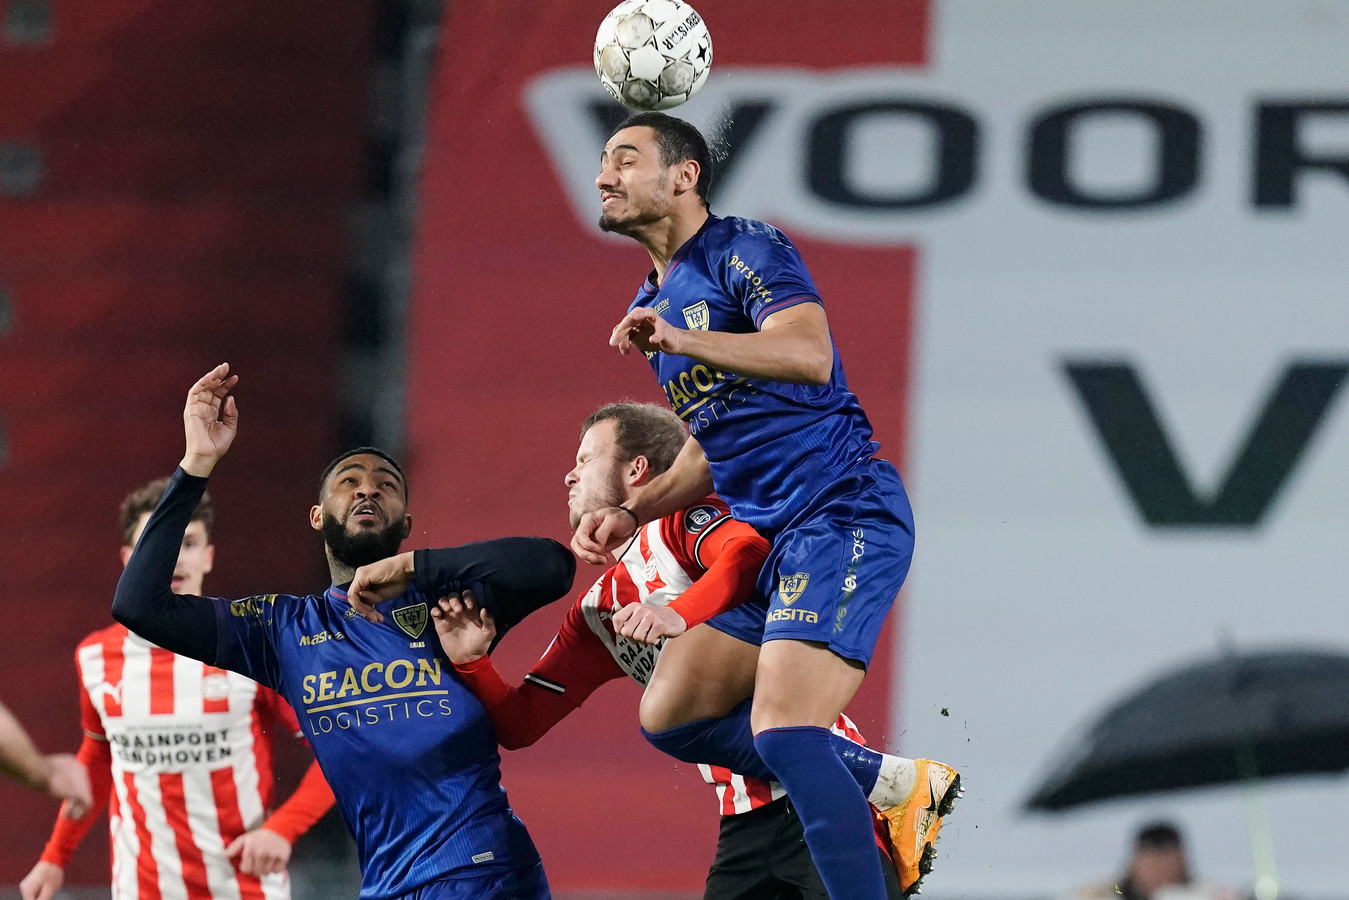 Ondanks zijn lengte en gewonnen kopduels, scoorde Giakoumakis nog niet met zijn hoofd.